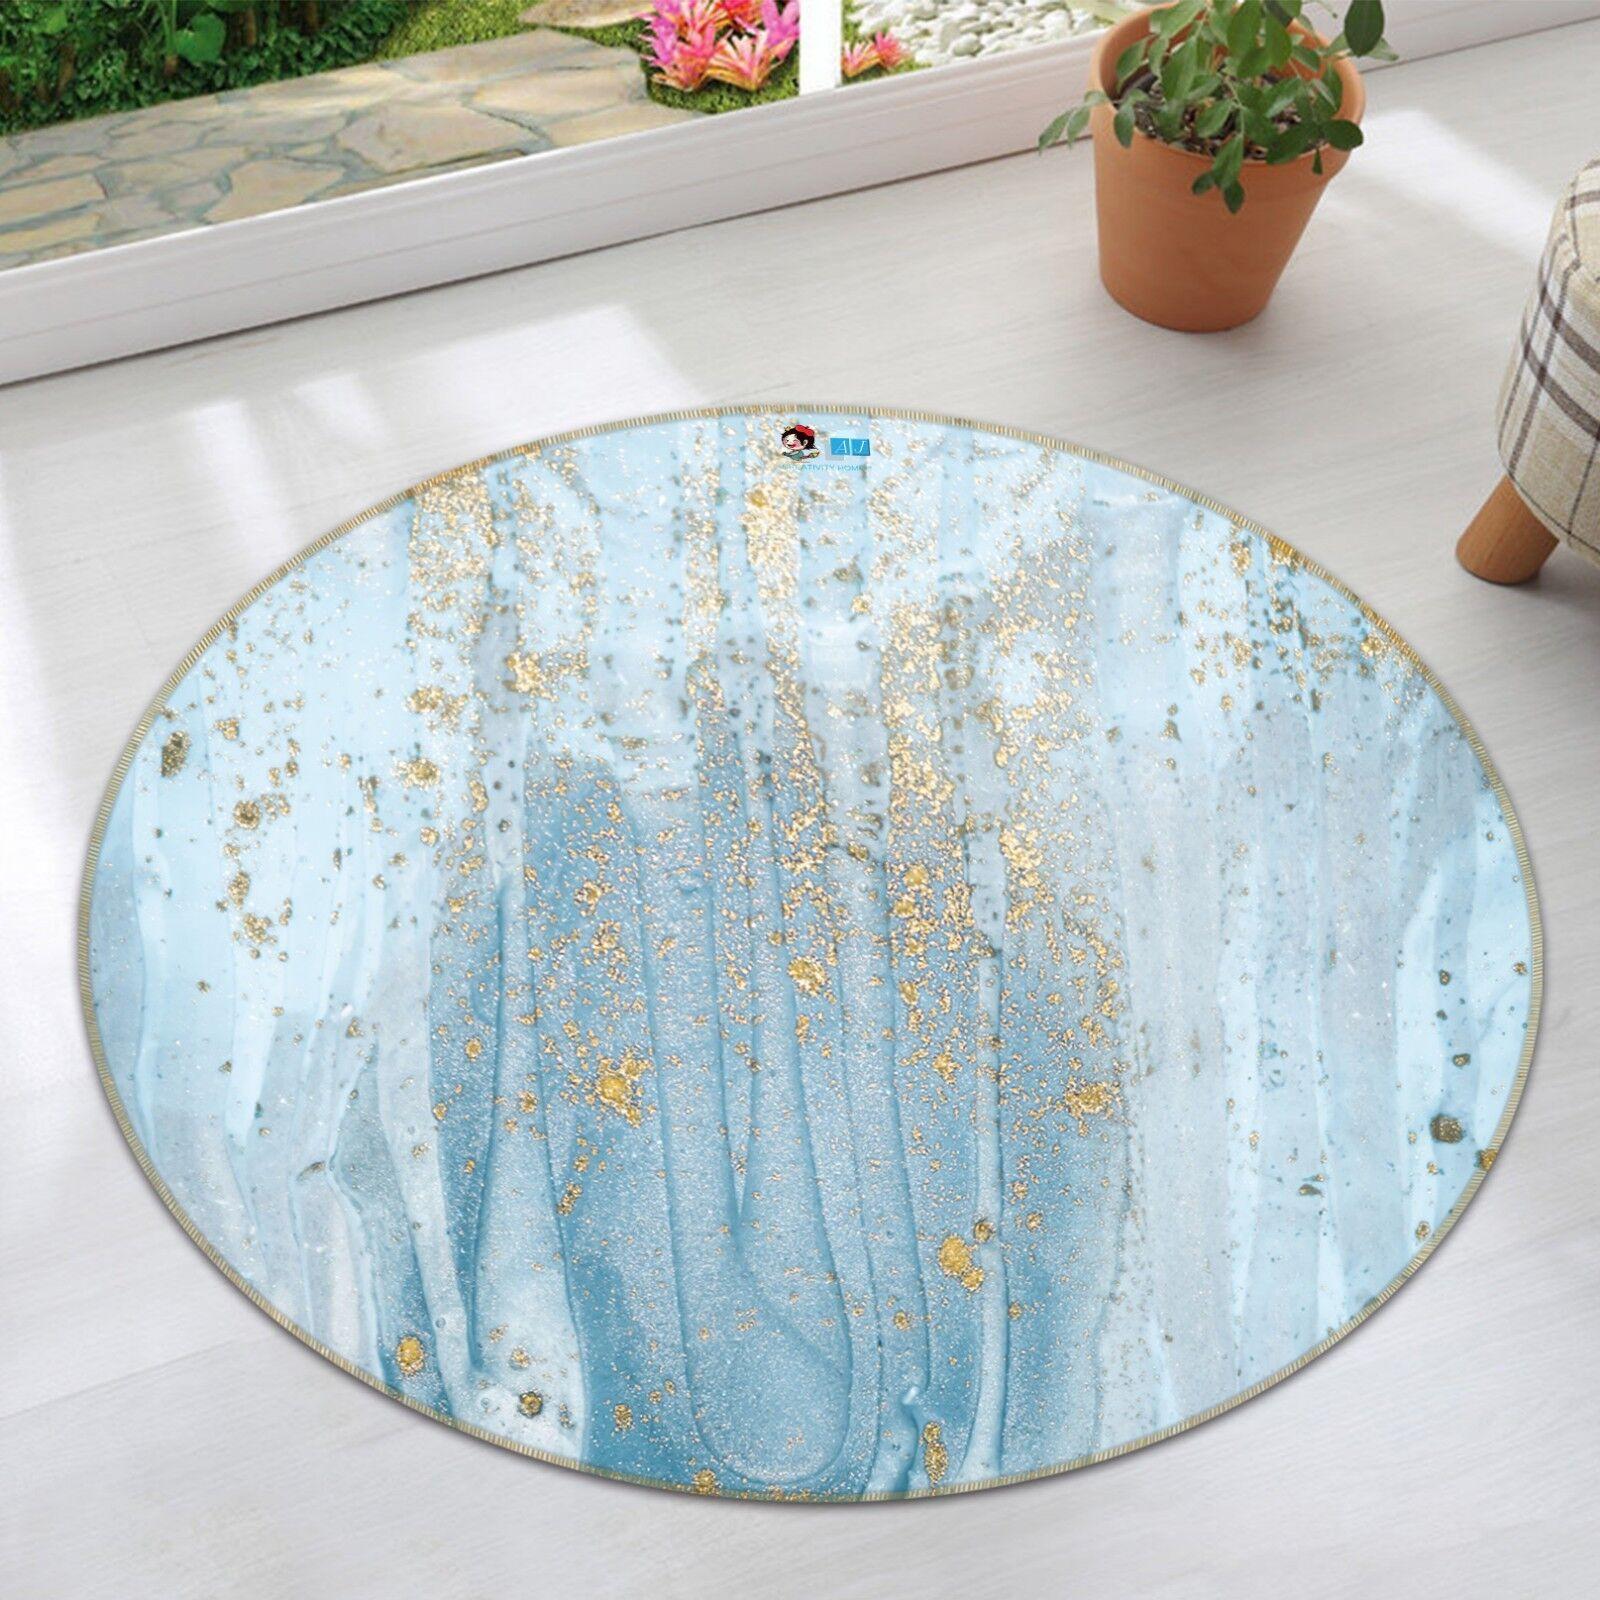 3D blu Ink Graffiti 4 antiscivolo tappeto camera Tappetino Tondo Qualità Elegante Tappeto foto